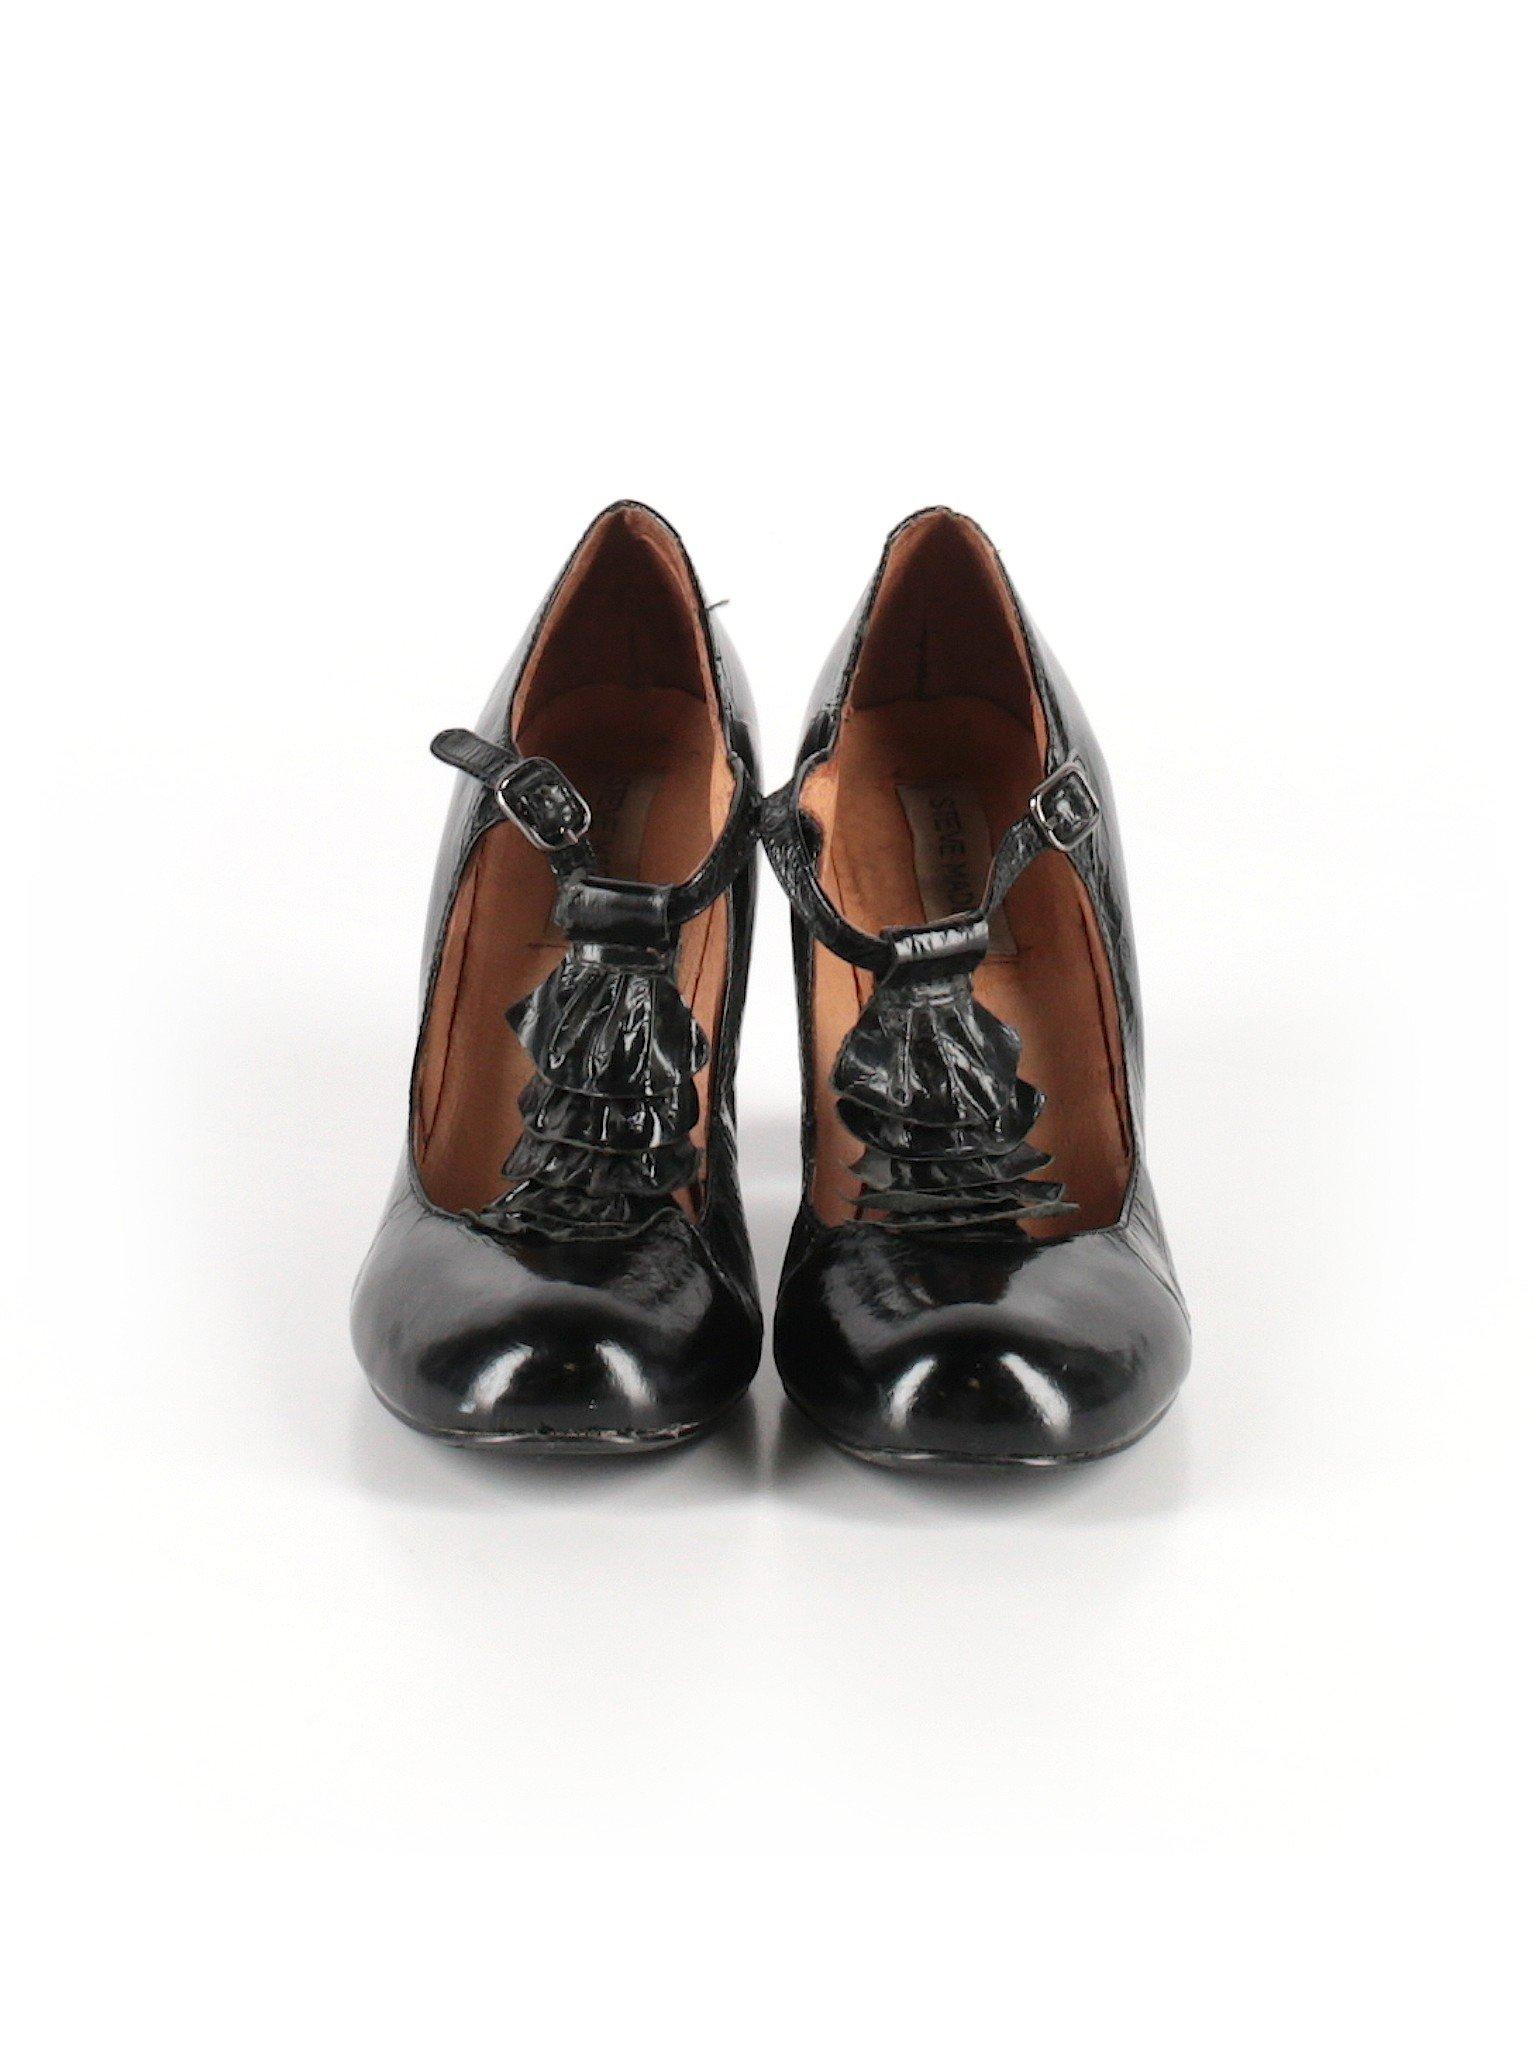 Boutique Steve Madden Boutique promotion promotion Heels qvTUawUW